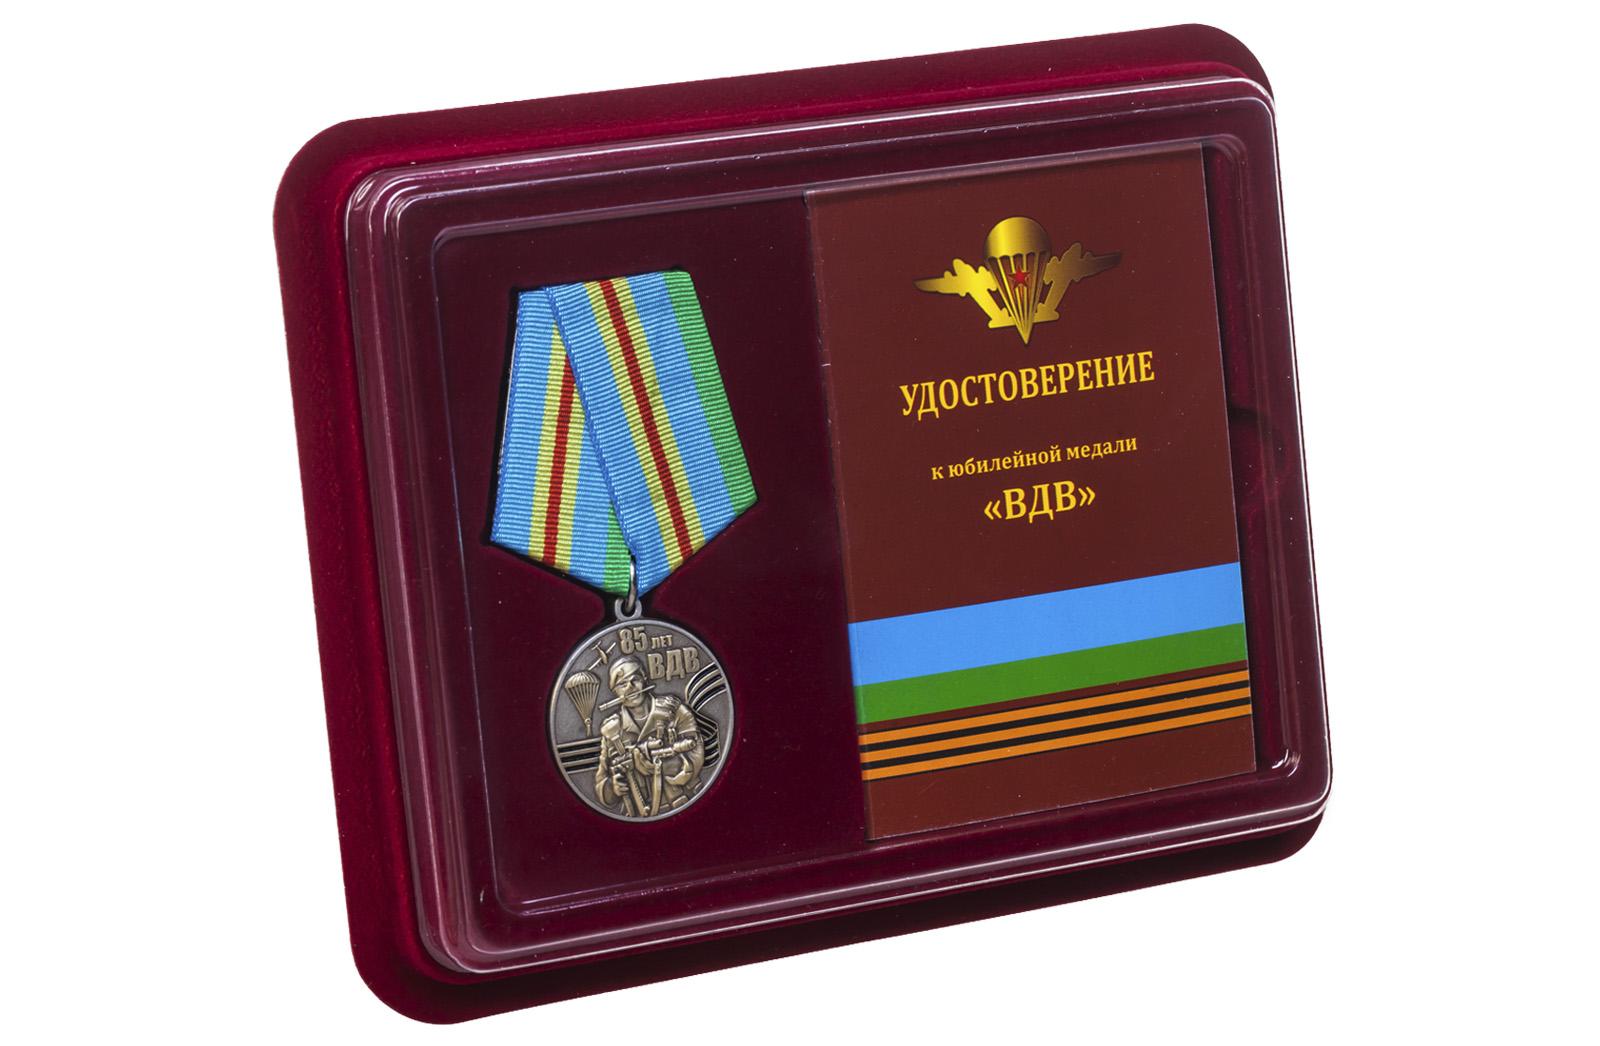 Юбилейная медаль ВДВ 85 лет купить выгодно